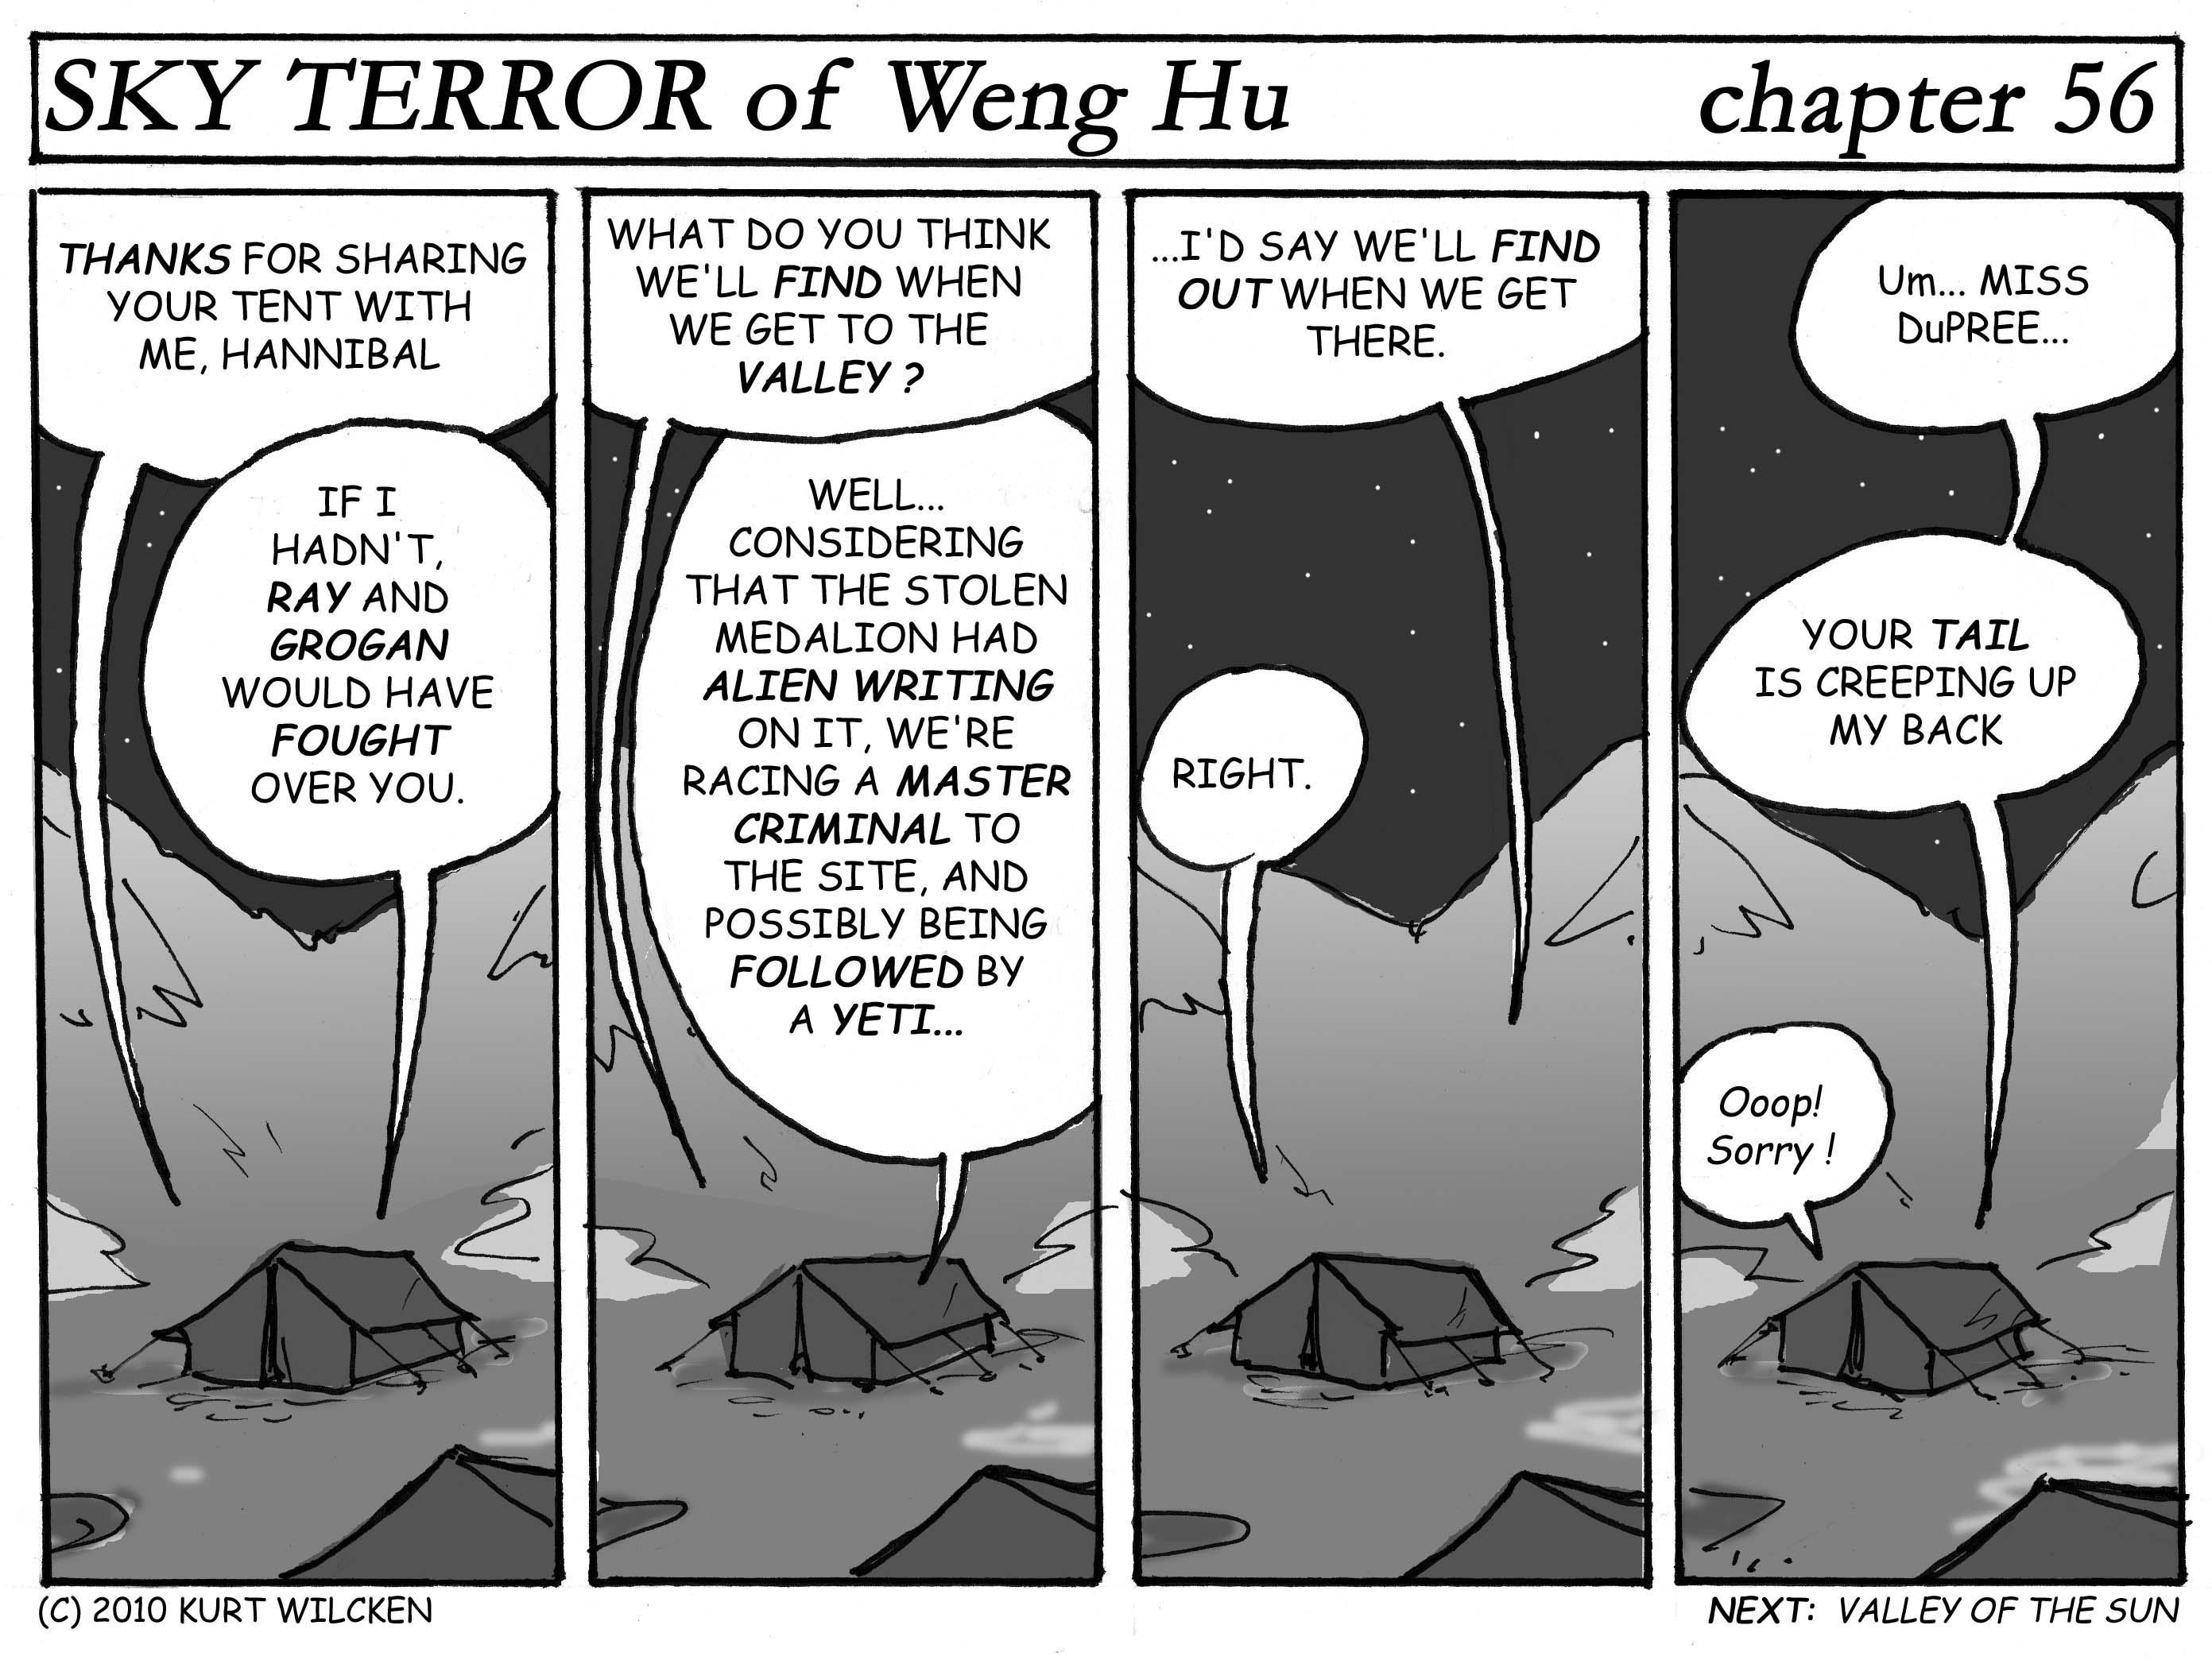 SKY TERROR of Weng Hu:  Chapter 56 — Pillow Talk